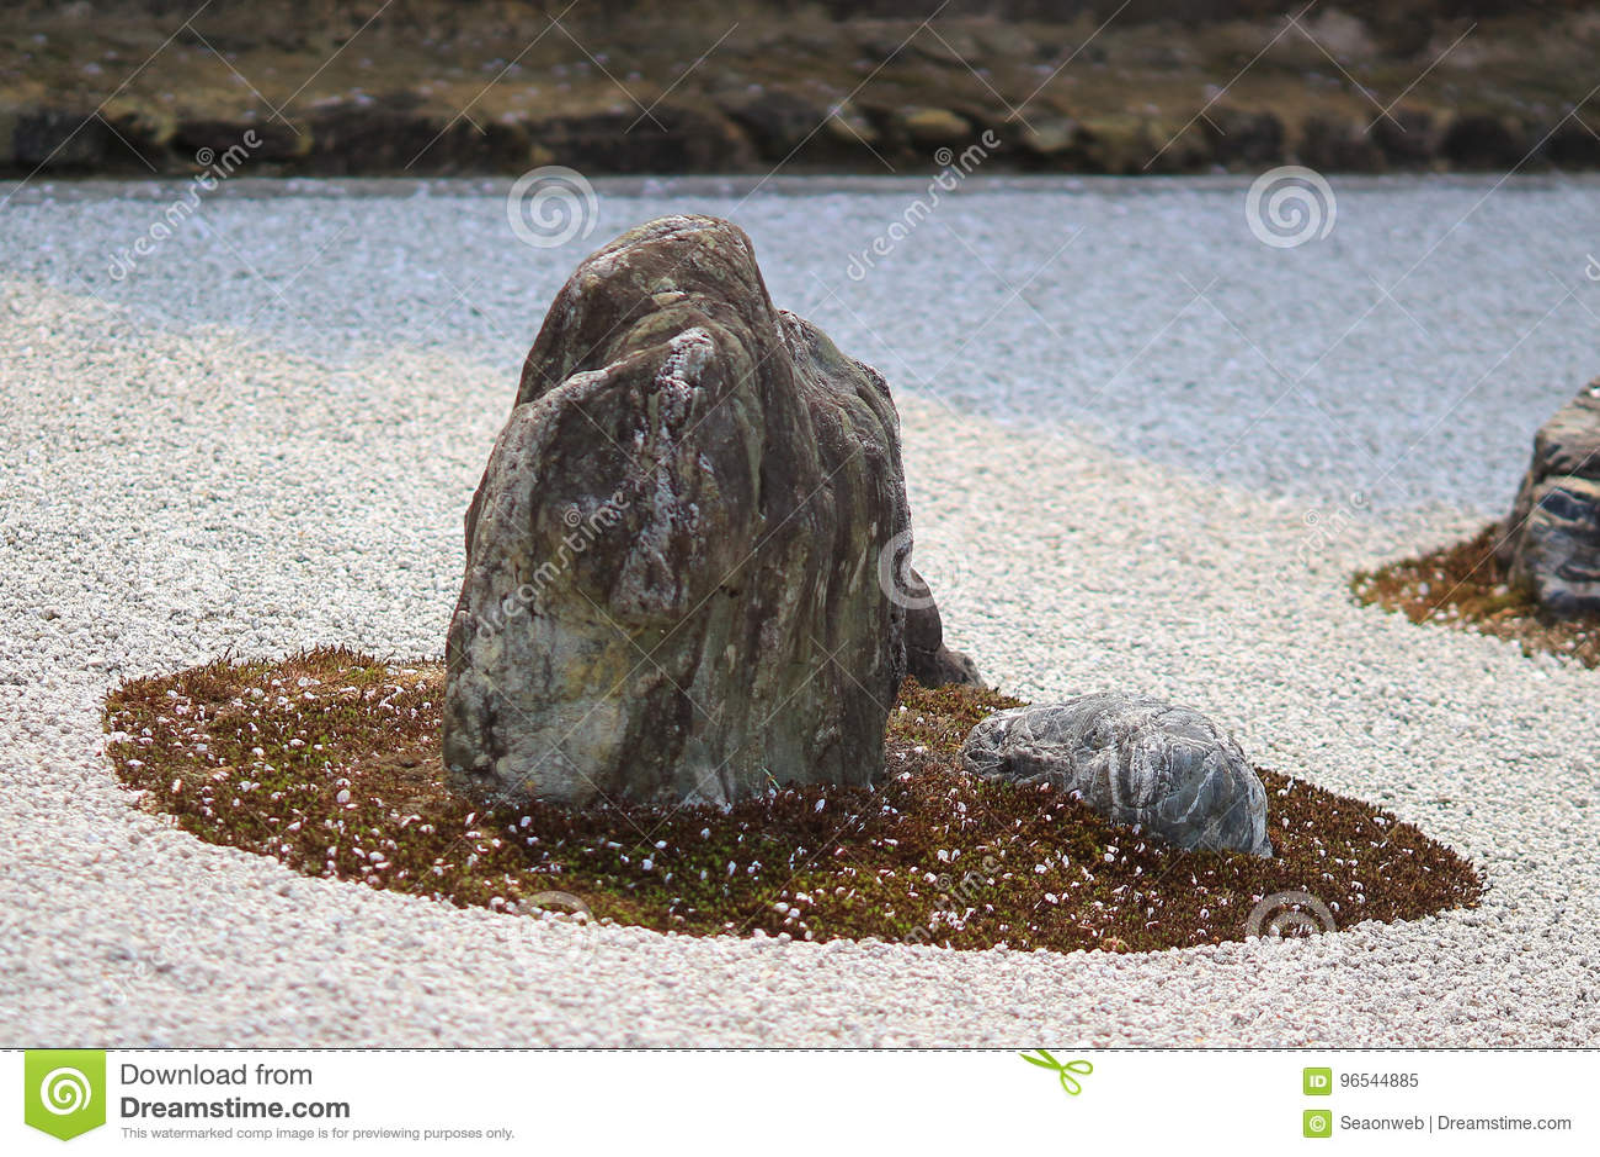 Detalle de un jardín de roca en el templo de Ryoan-ji en Kyoto, Japón